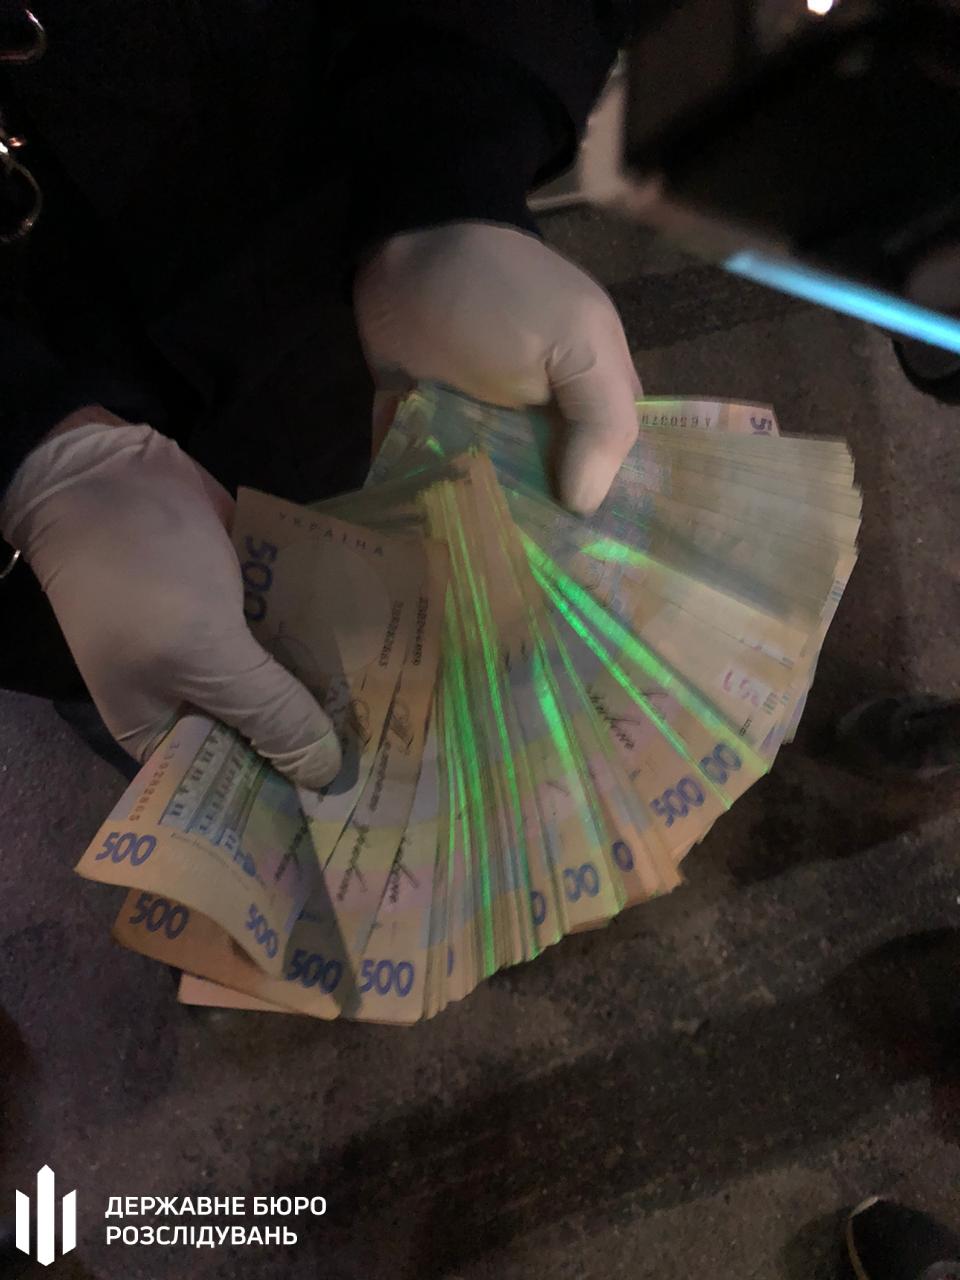 ДБР на хабарі затримало співробітників Департаменту стратегічних розслідувань - хабар, ДБР - WhatsApp Image 2020 11 07 at 10 2